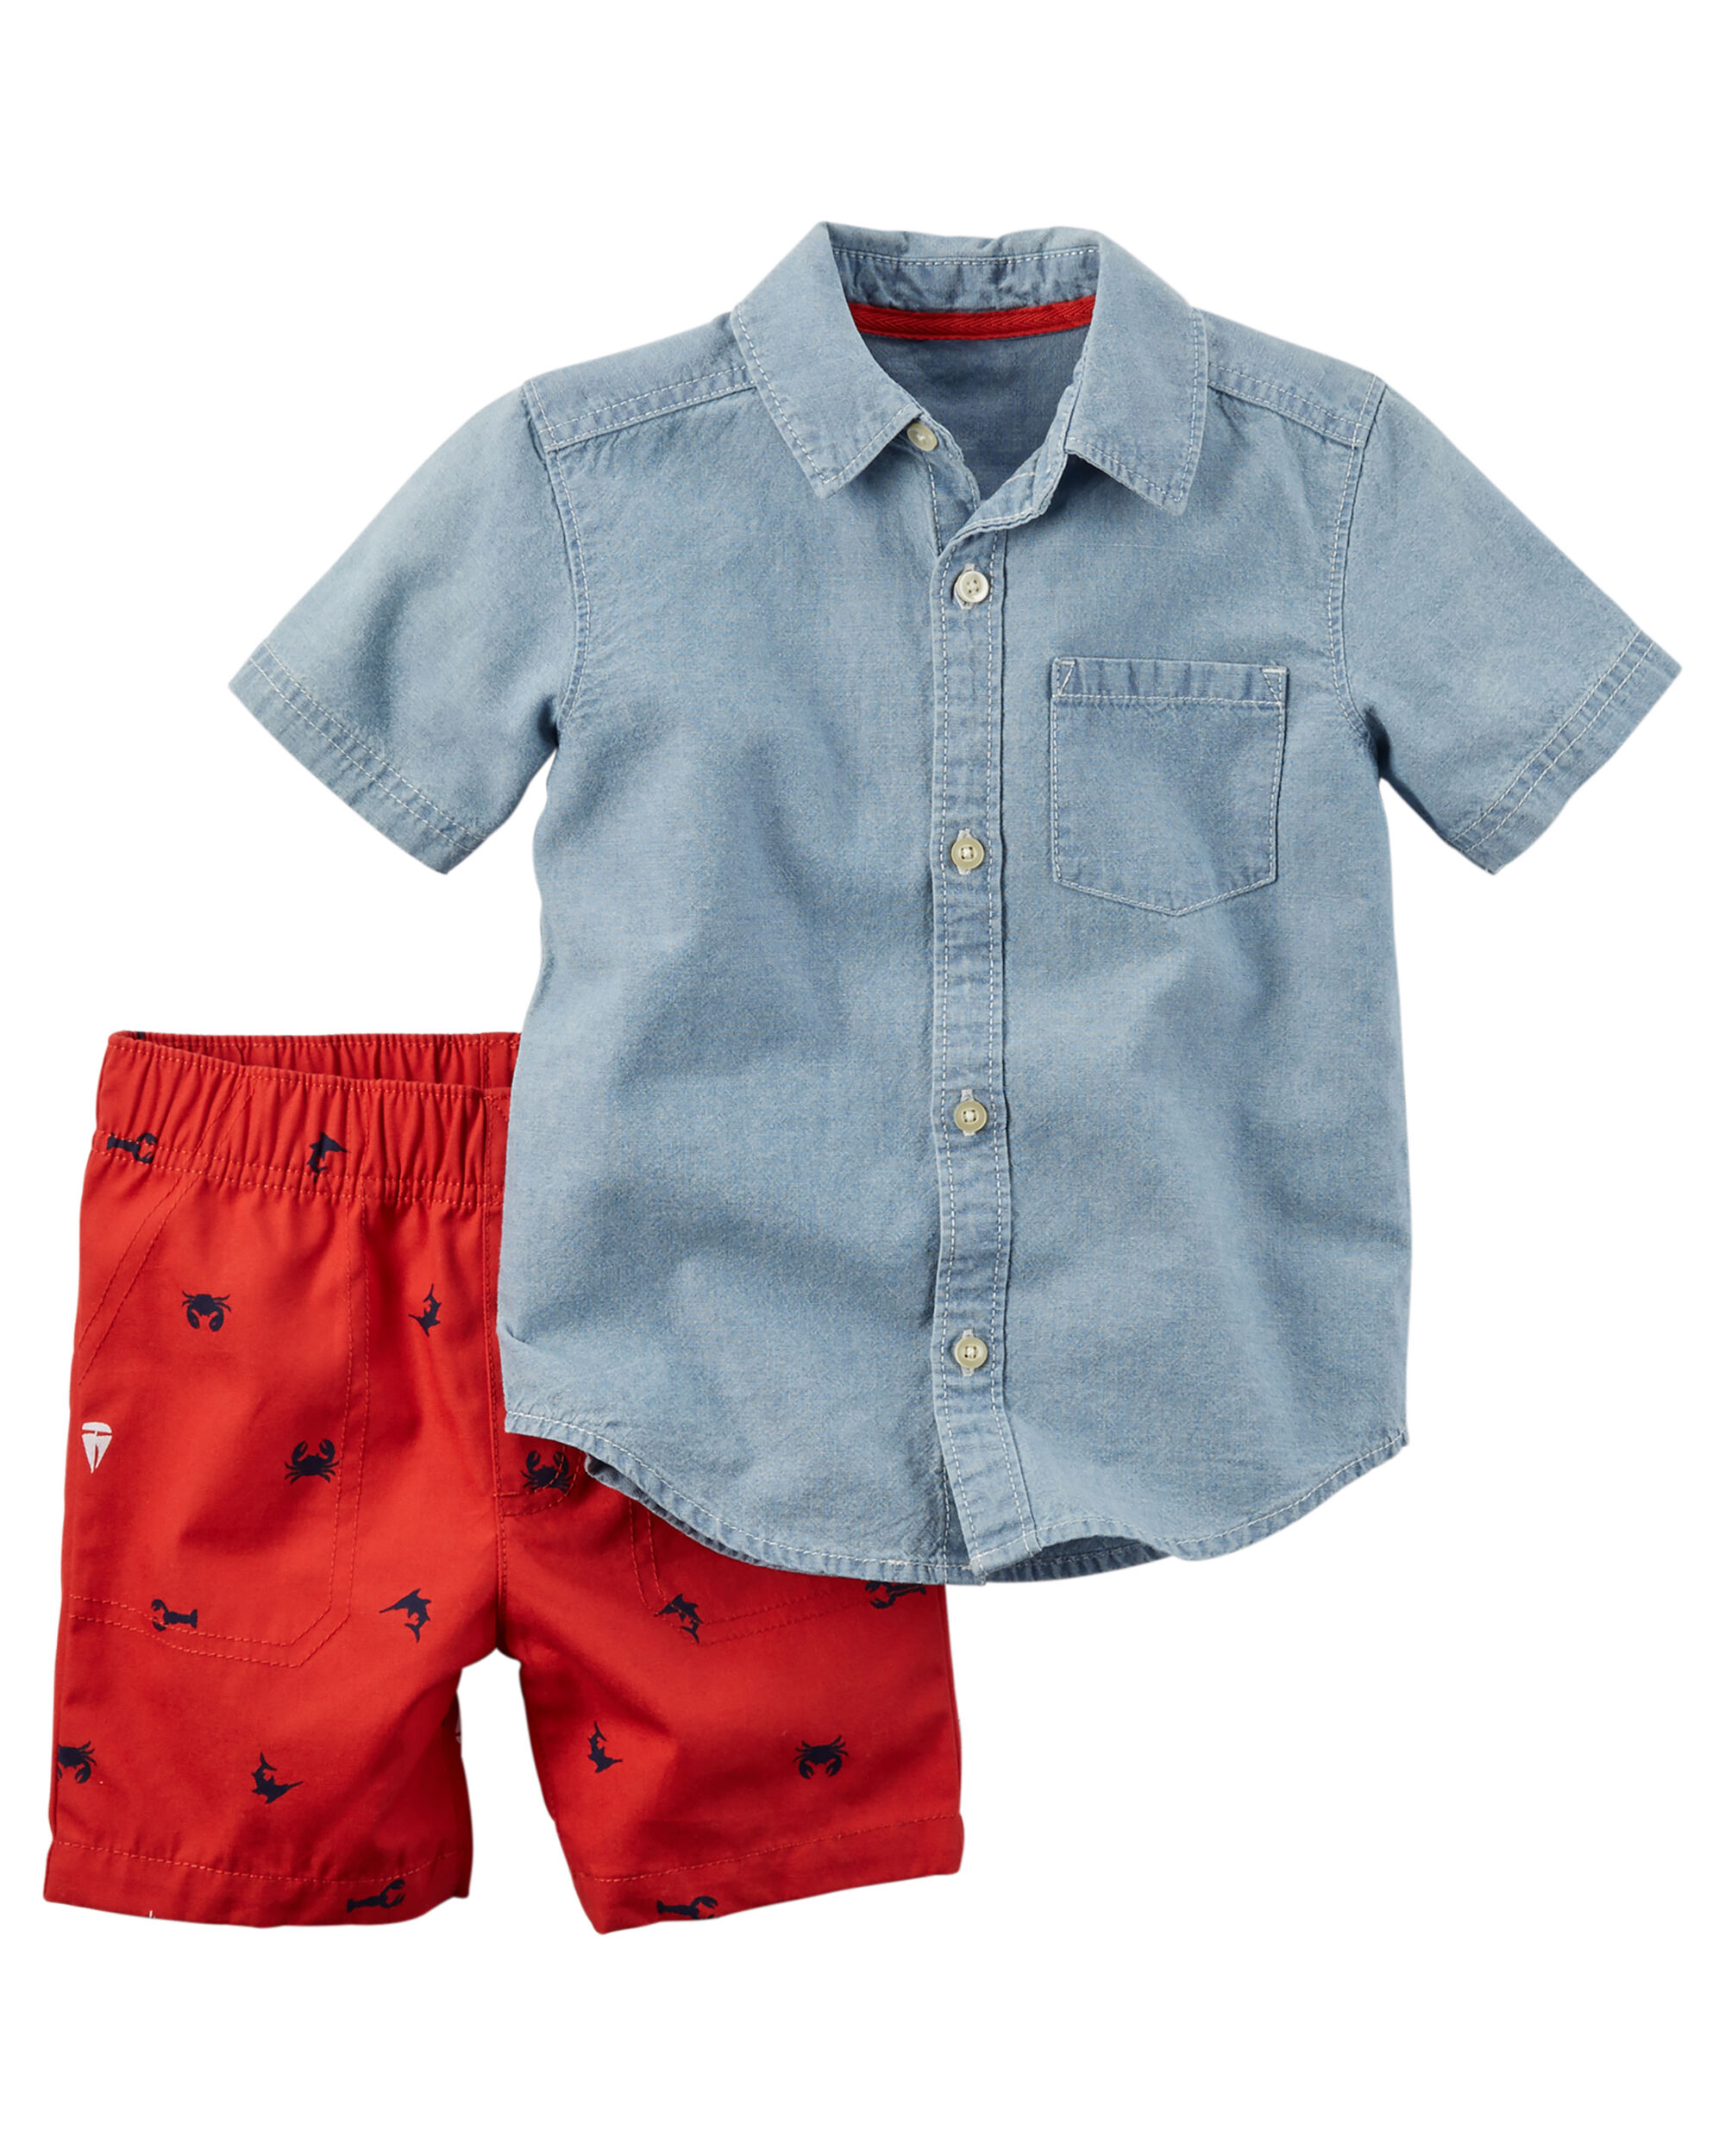 2 Piece Shirt Short Set Carters Com